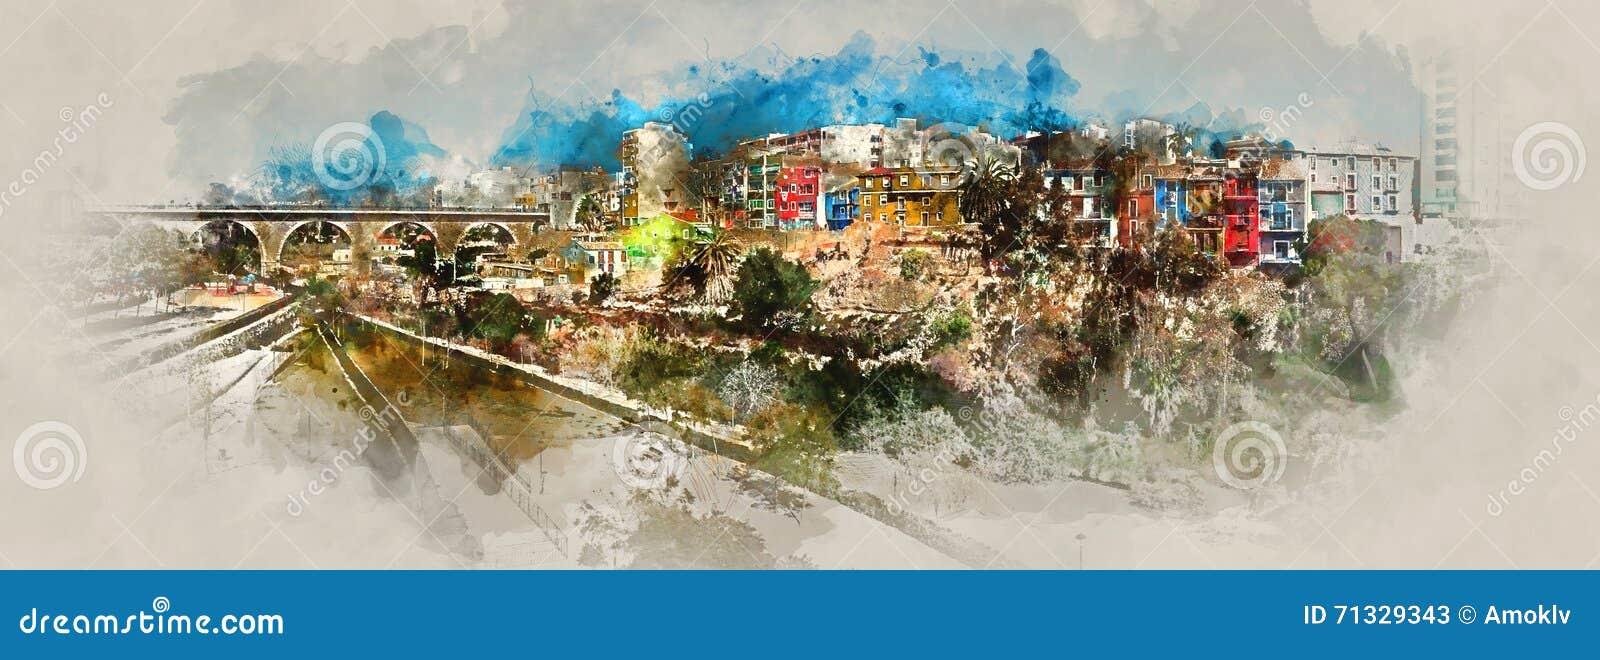 Het digitale waterverf schilderen van Villajoyosa-stad